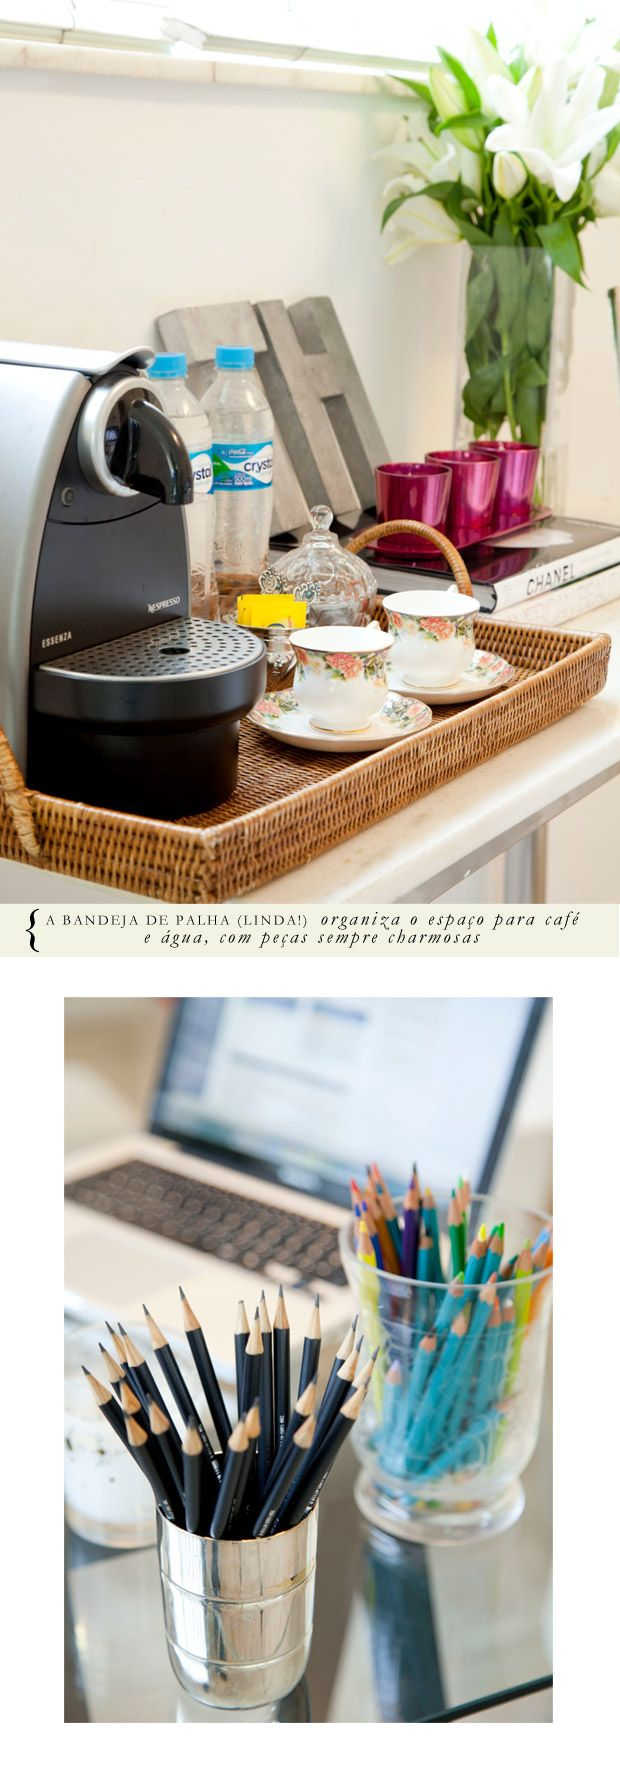 living-gazette-barbara-resende-escritorio-bandeja-mesa-trabalho-marcela-caio-theodora-home